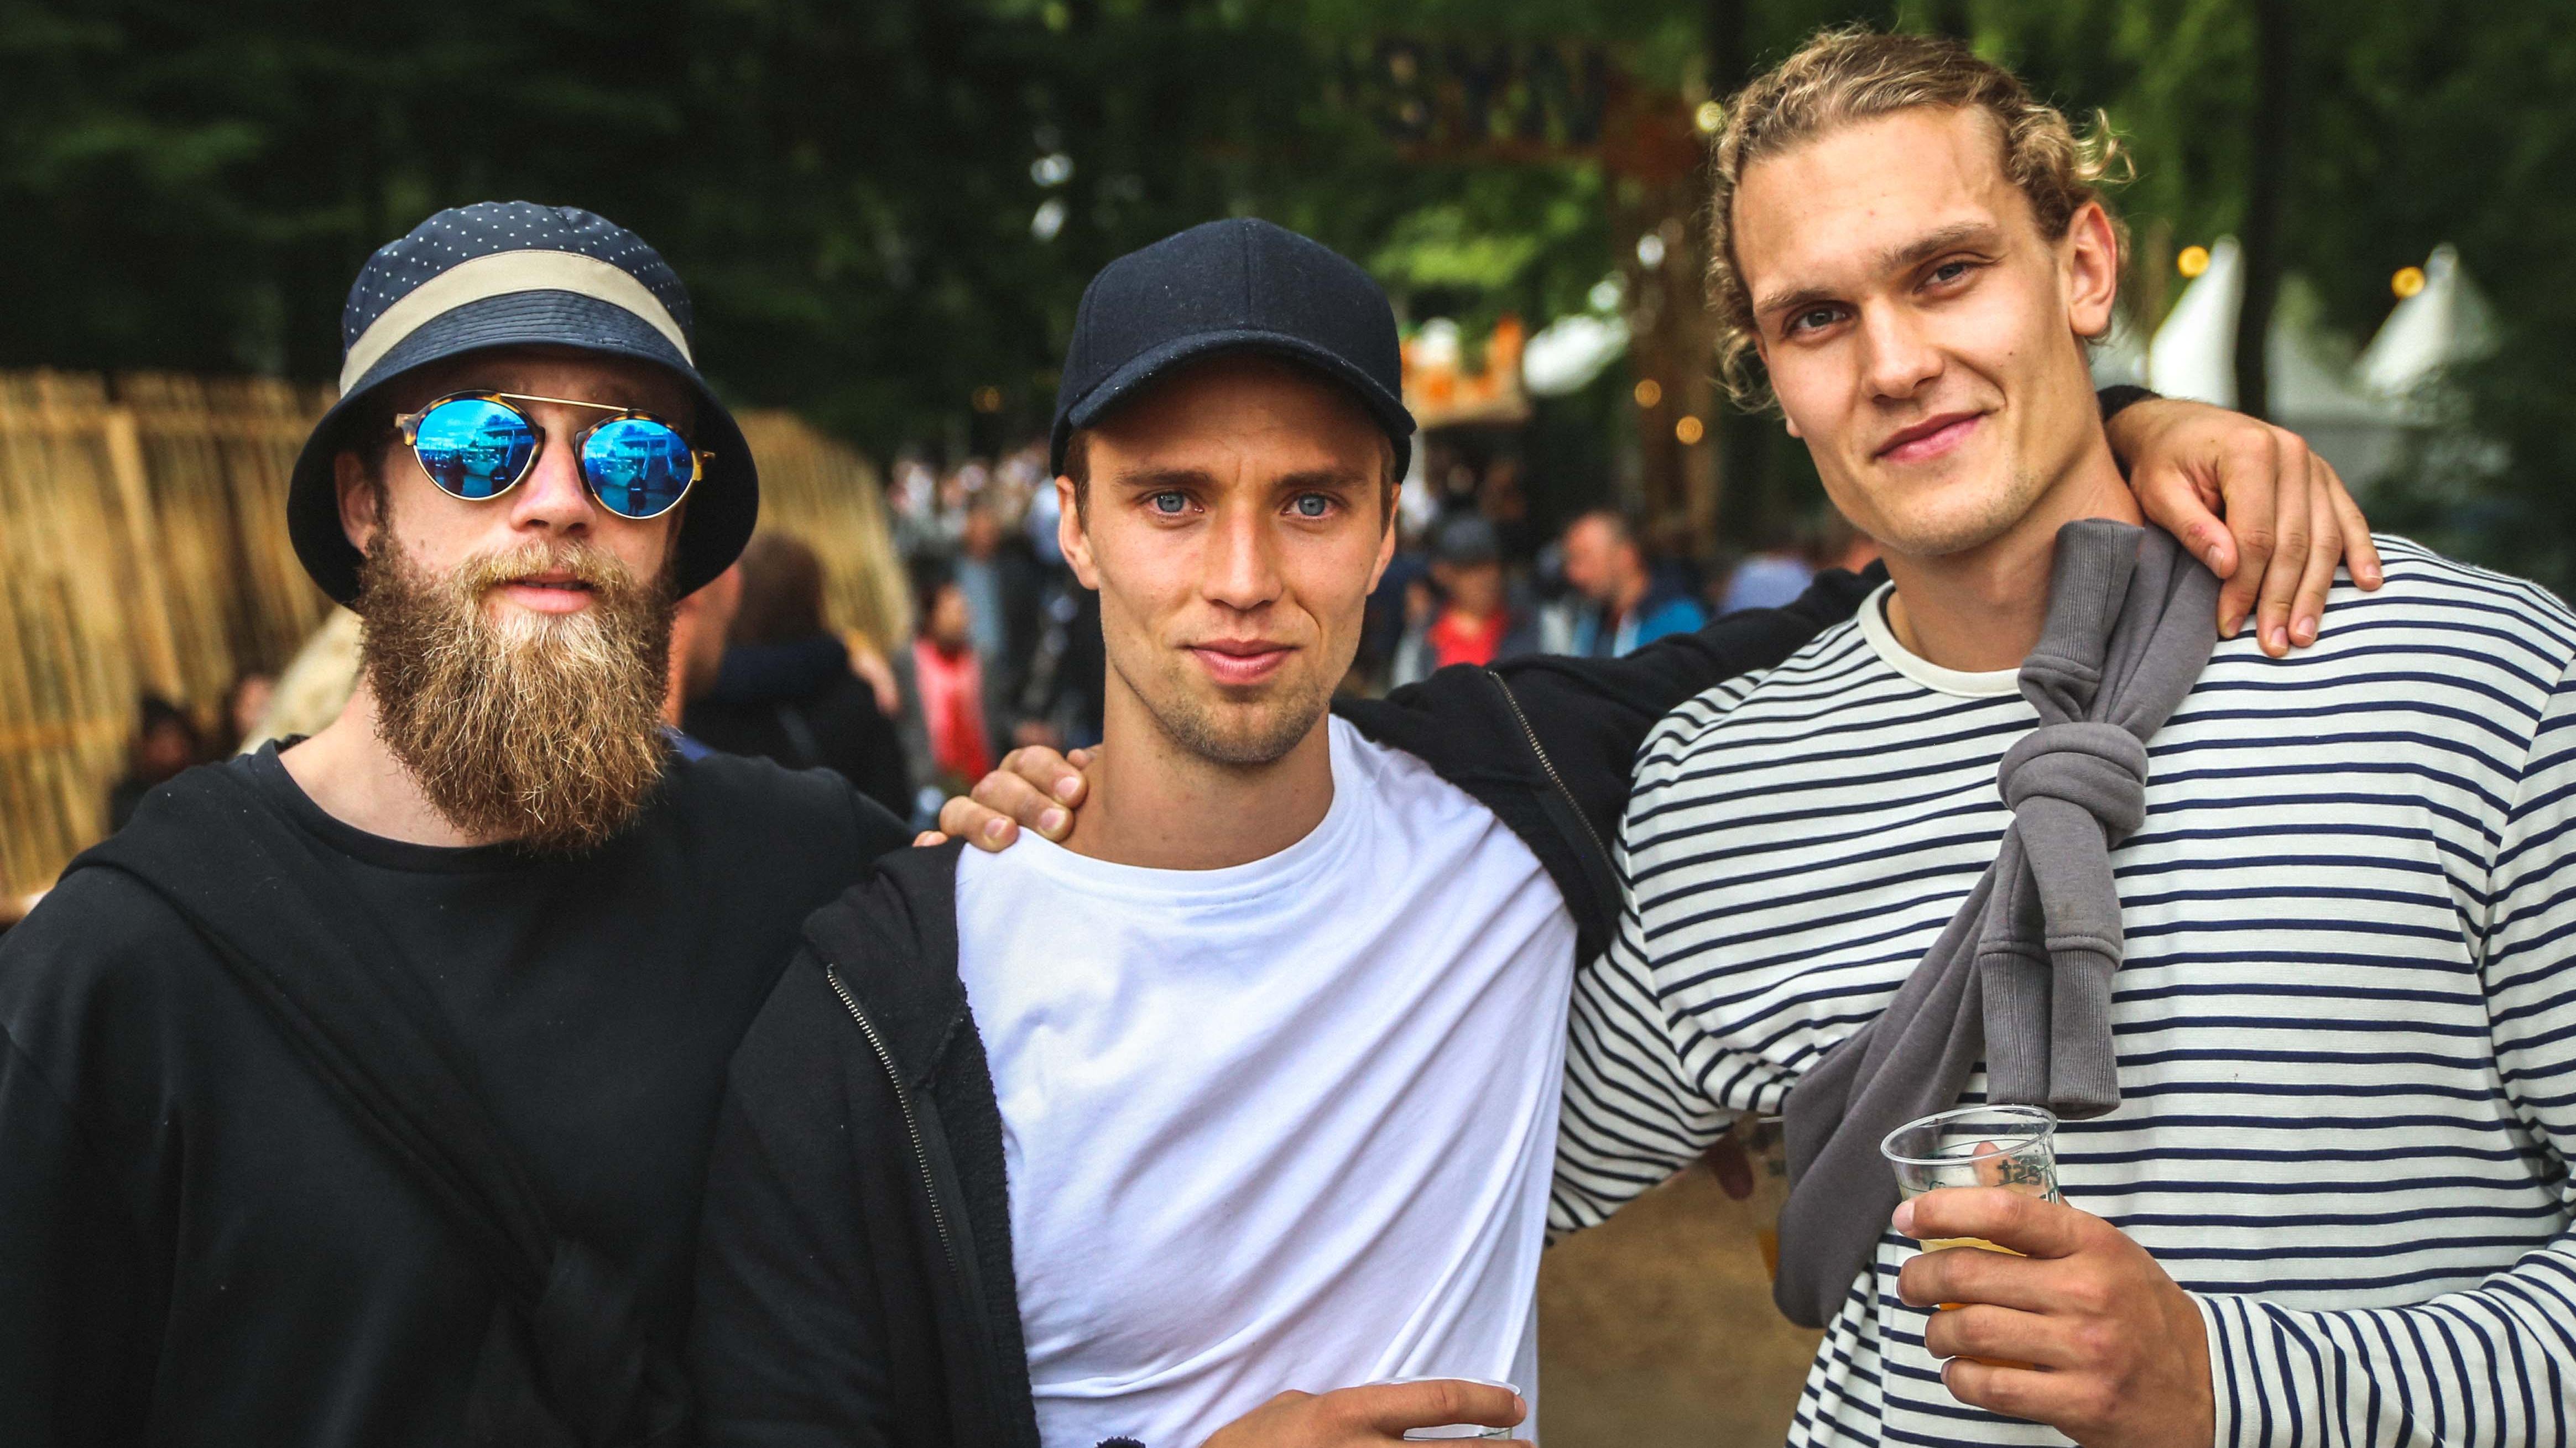 peter_hans_og_jesper_0.jpg